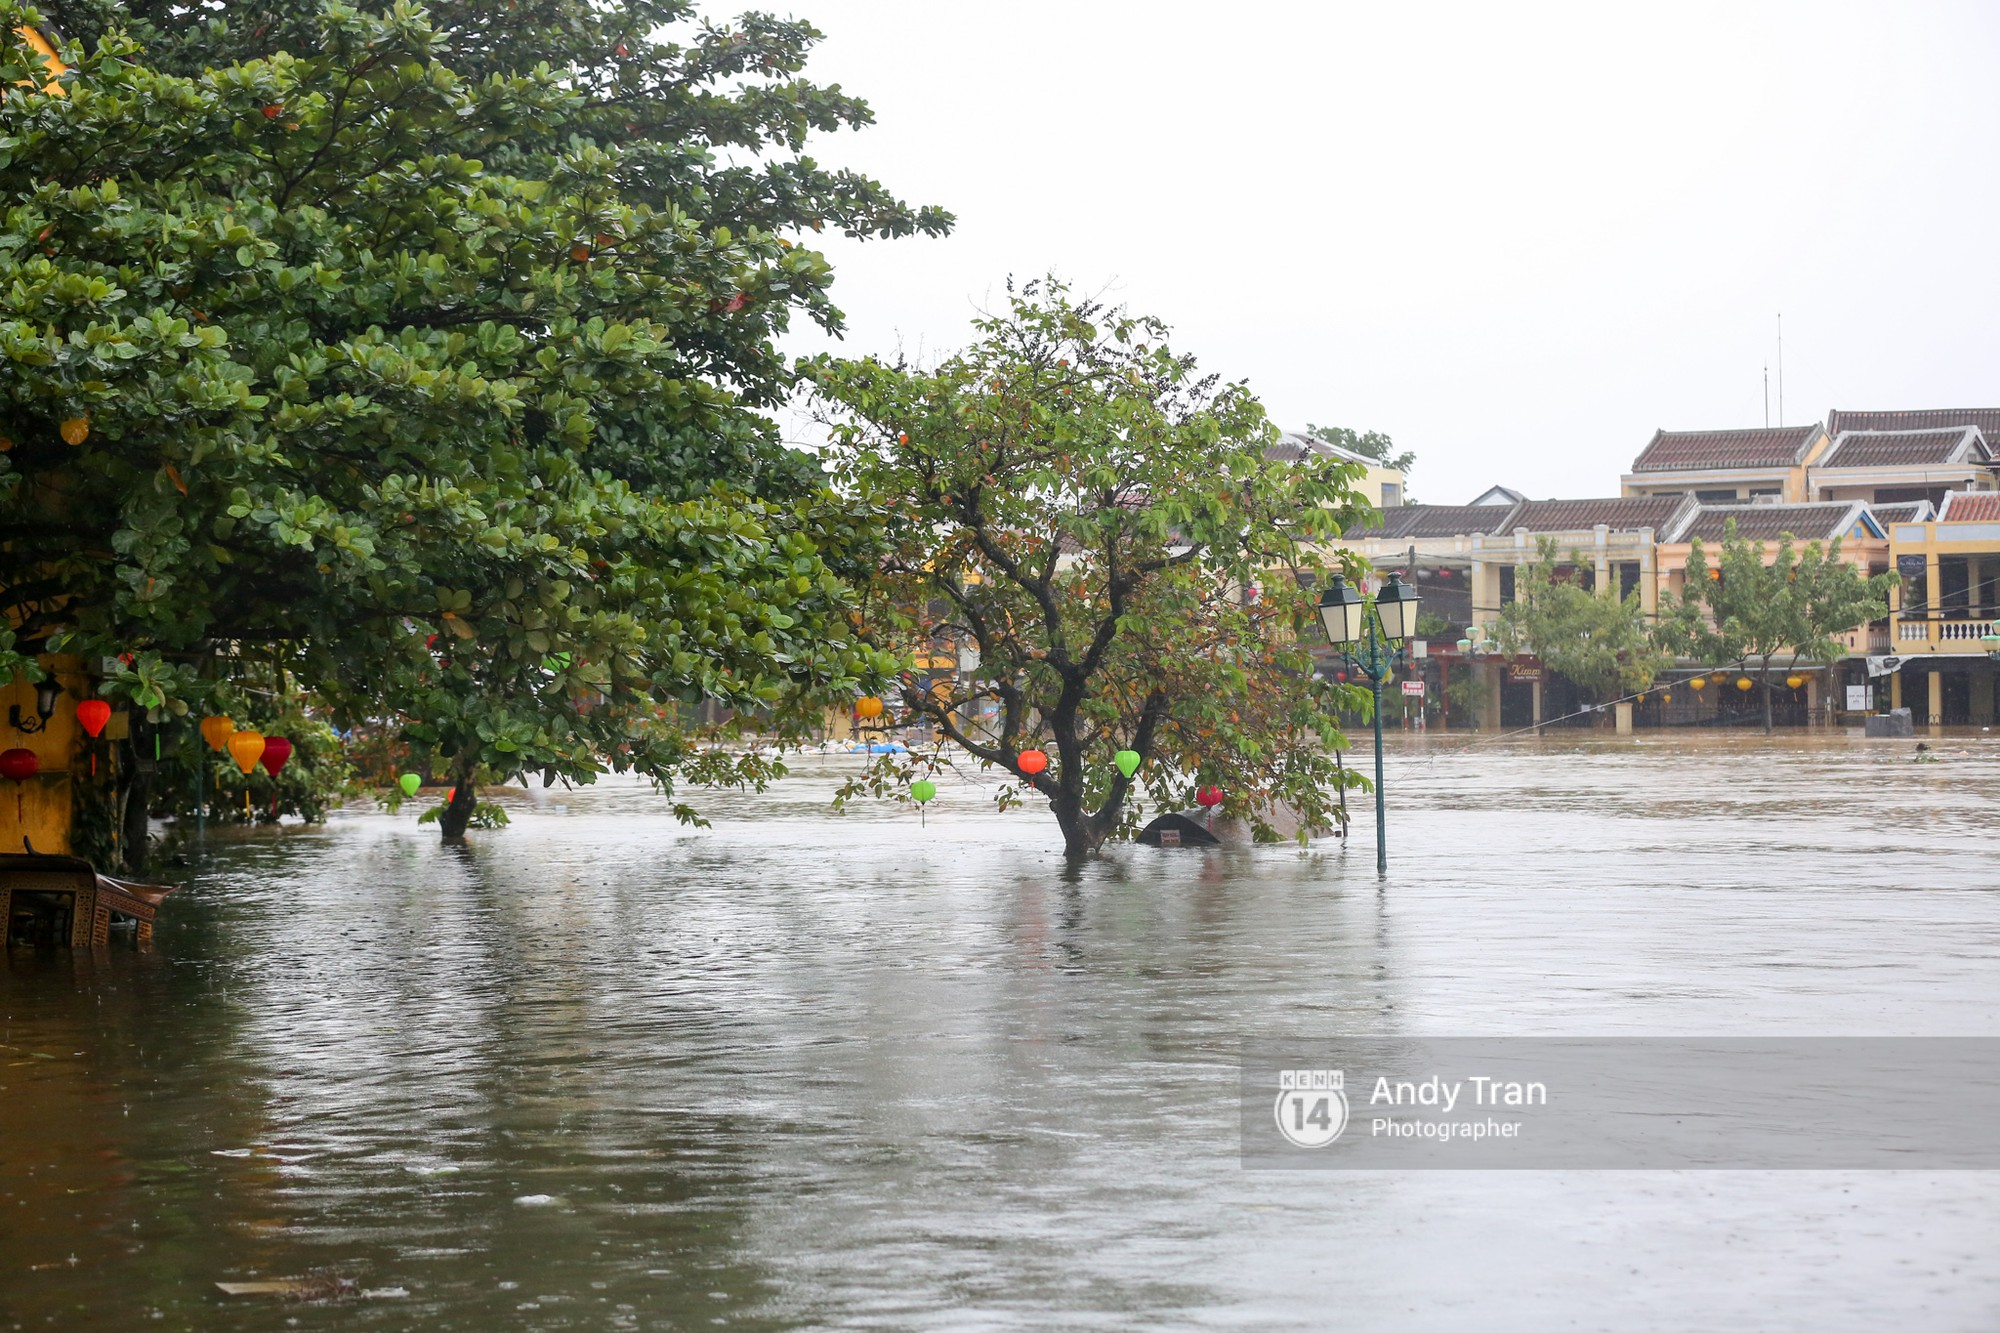 Chùm ảnh: Hội An nước ngập thành sông do ảnh hưởng của bão, người dân và du khách chật vật dùng thuyền bè di chuyển - Ảnh 1.